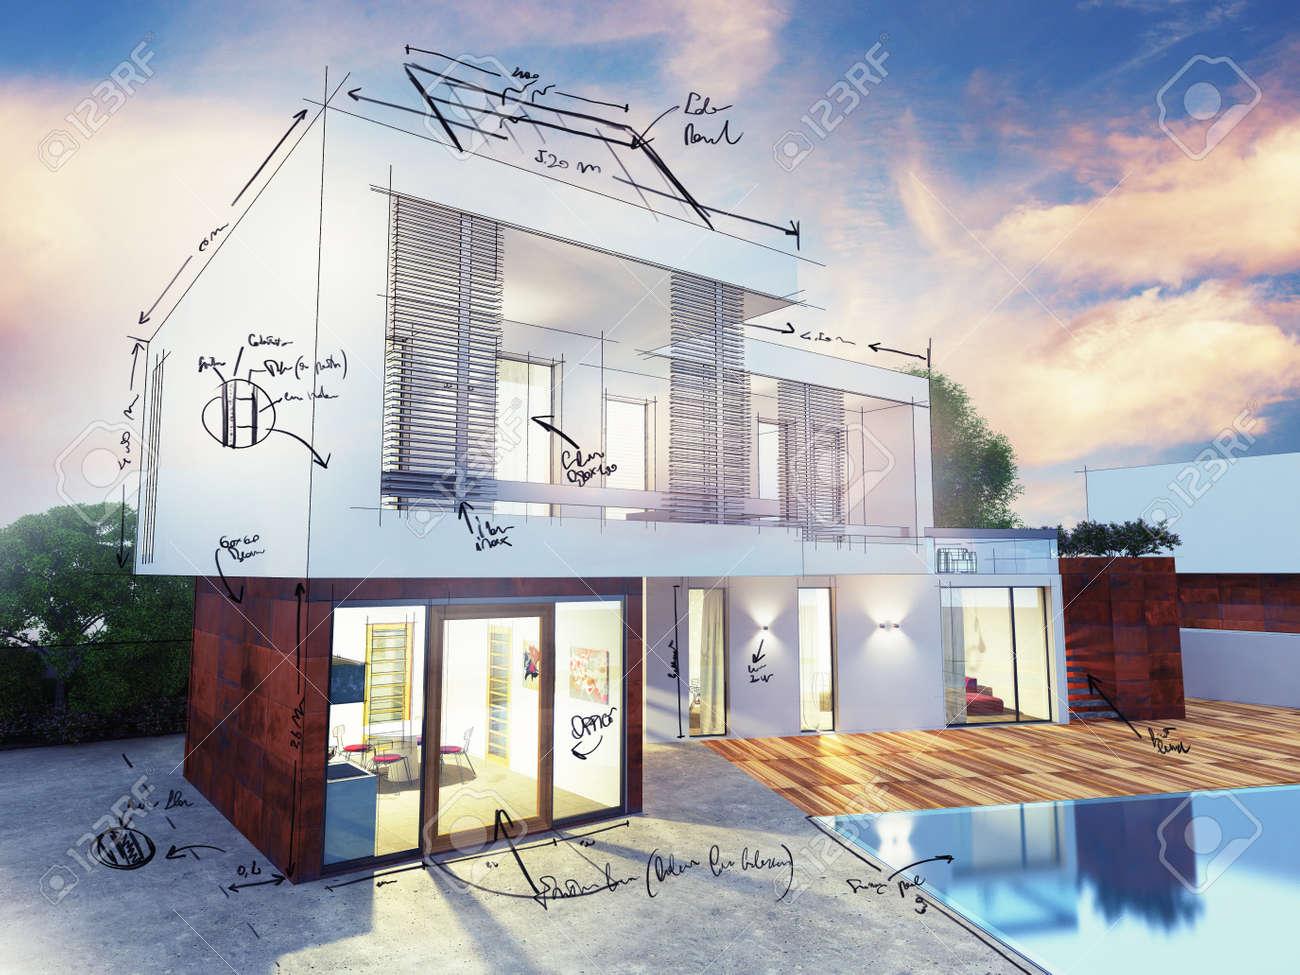 plan de maison banque dimages vecteurs t illustrations libres - Plan D Une Maison De Luxe Moderne